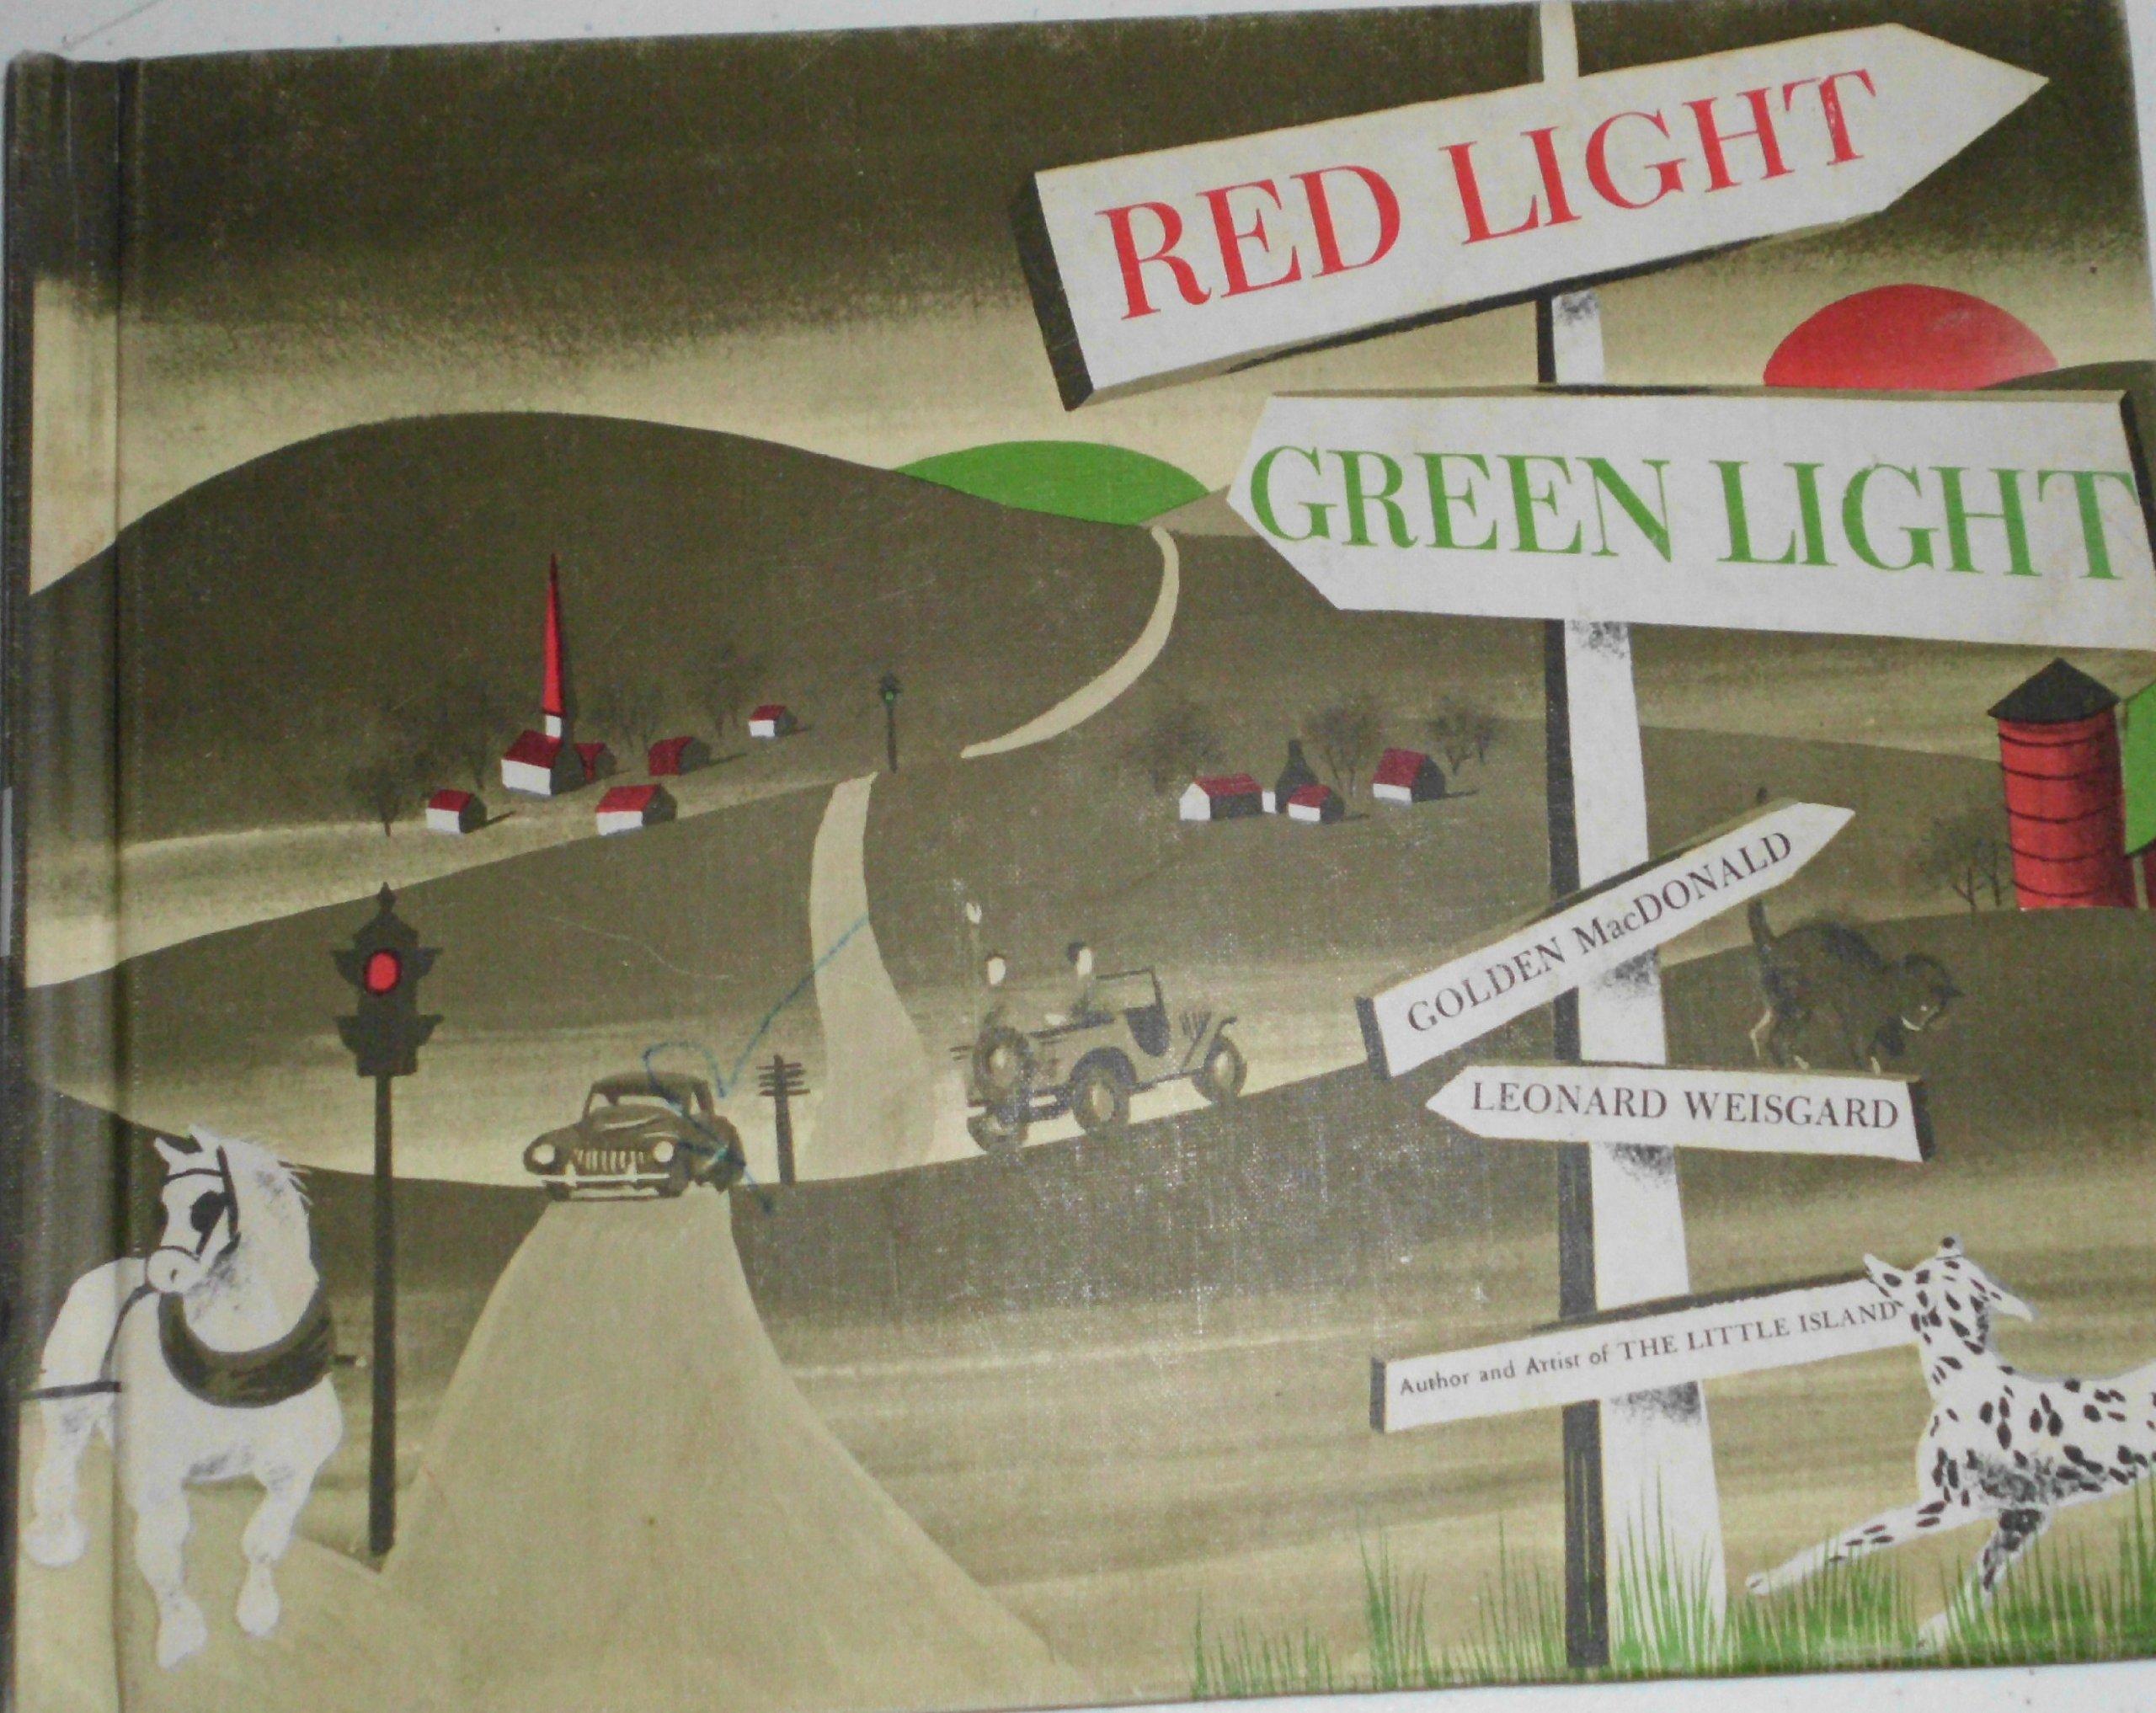 red light green light golden macdonald leonard weisgard